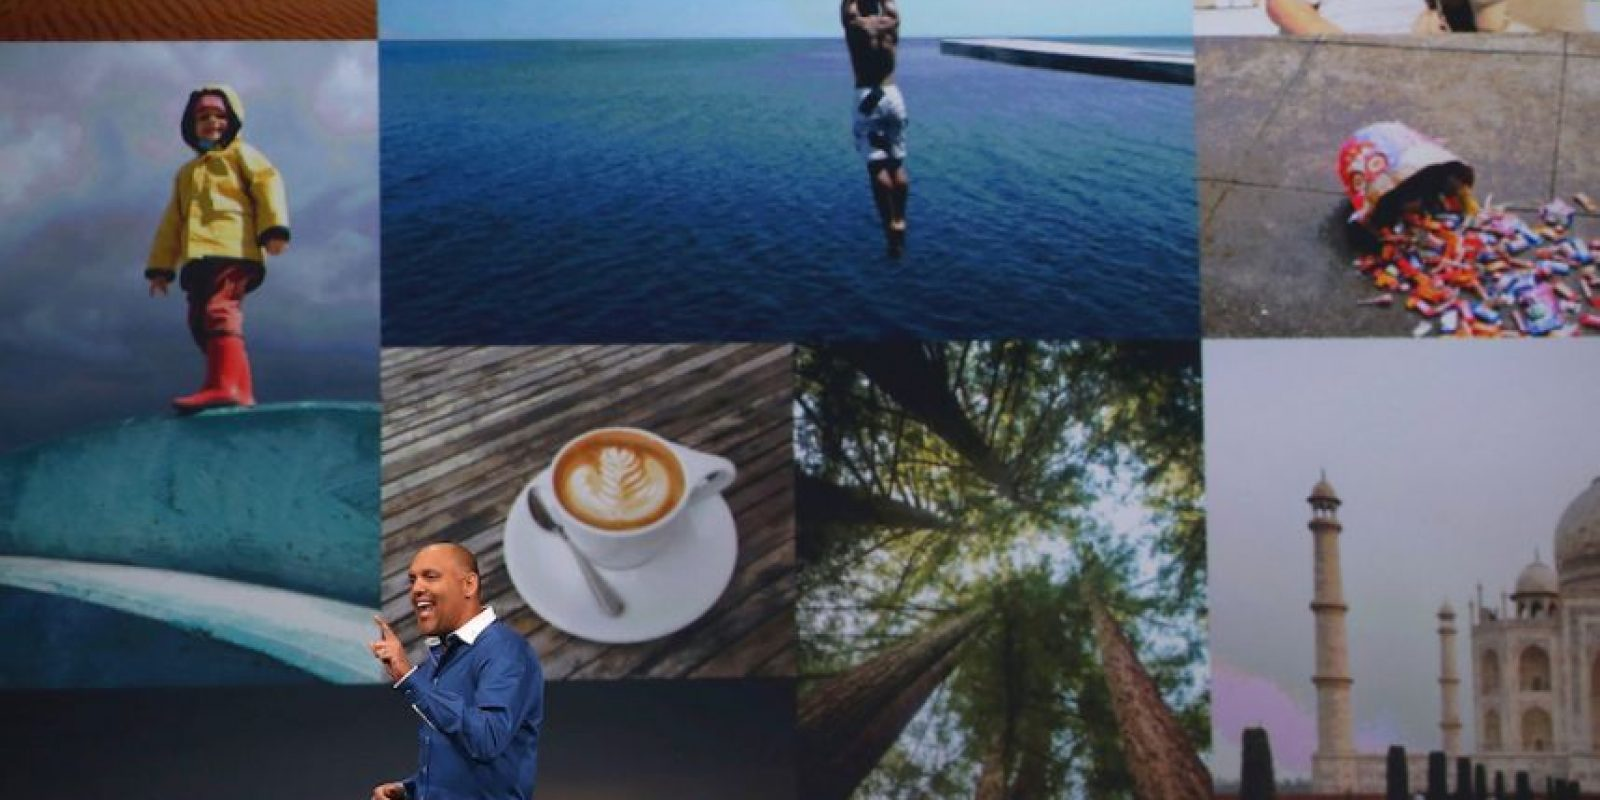 La app que almacena y organiza las imágenes que toman con su smartphone ahora está disponible de forma gratuita en Android, iPhone y Web. Foto:Getty Images